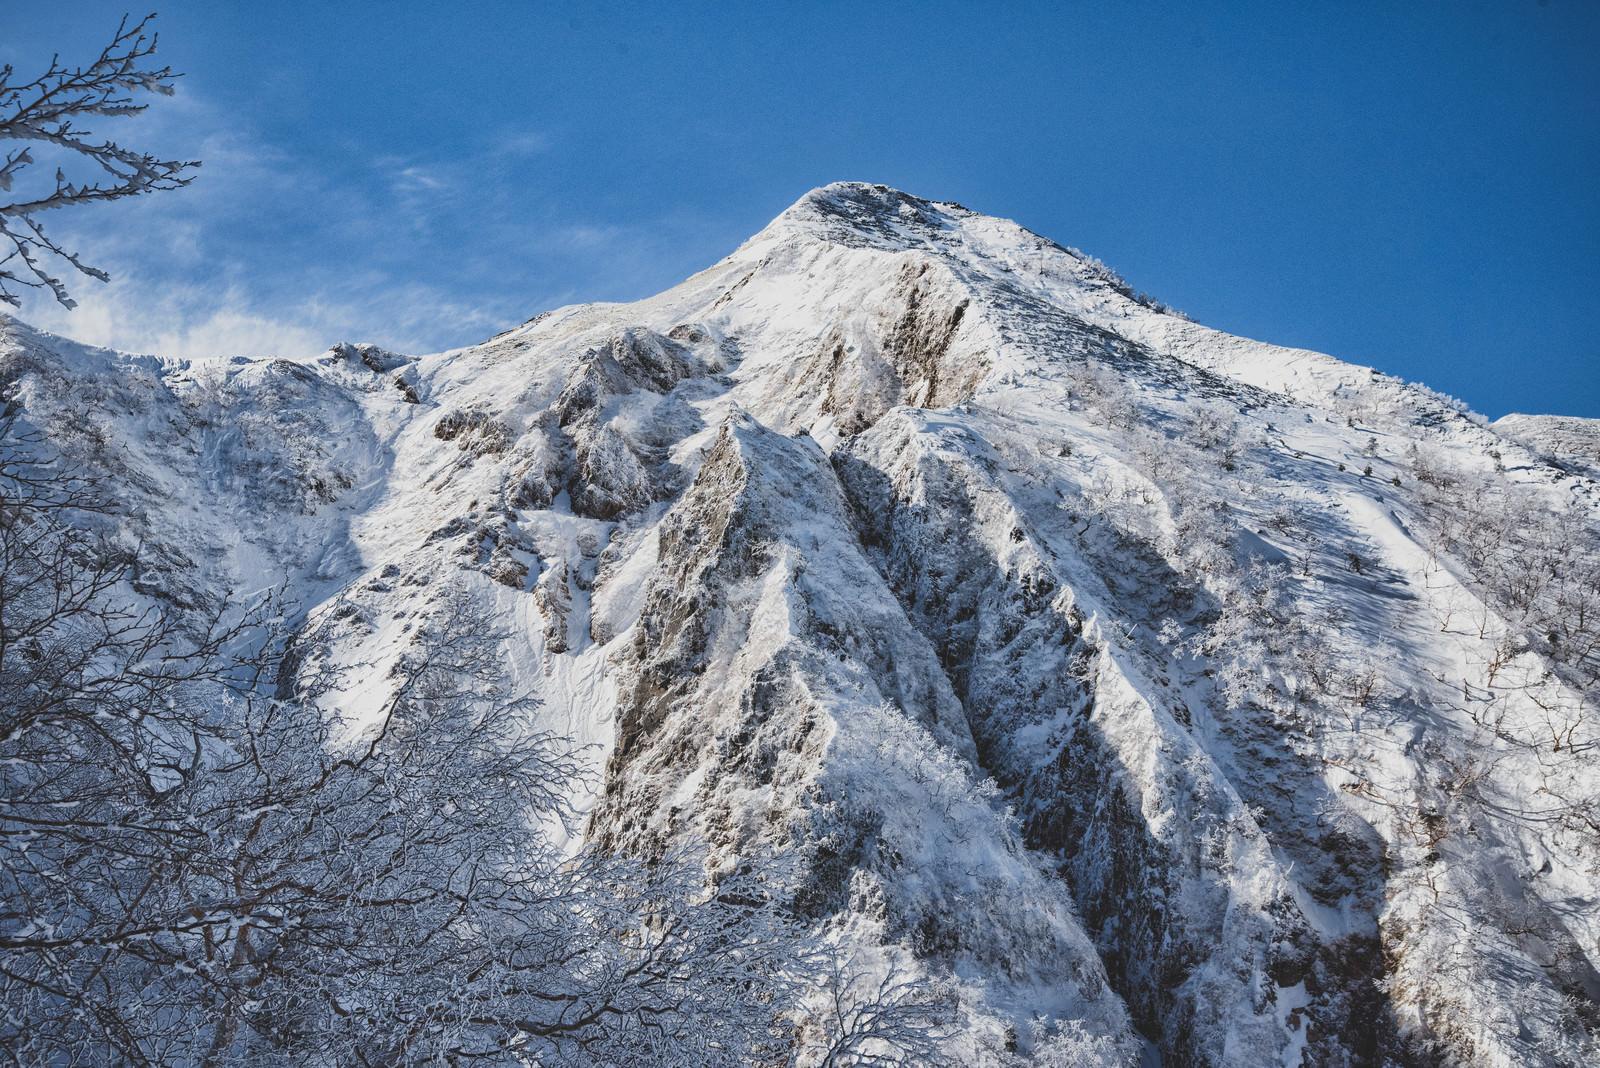 「中岳北面の岩壁に伸びる影」の写真